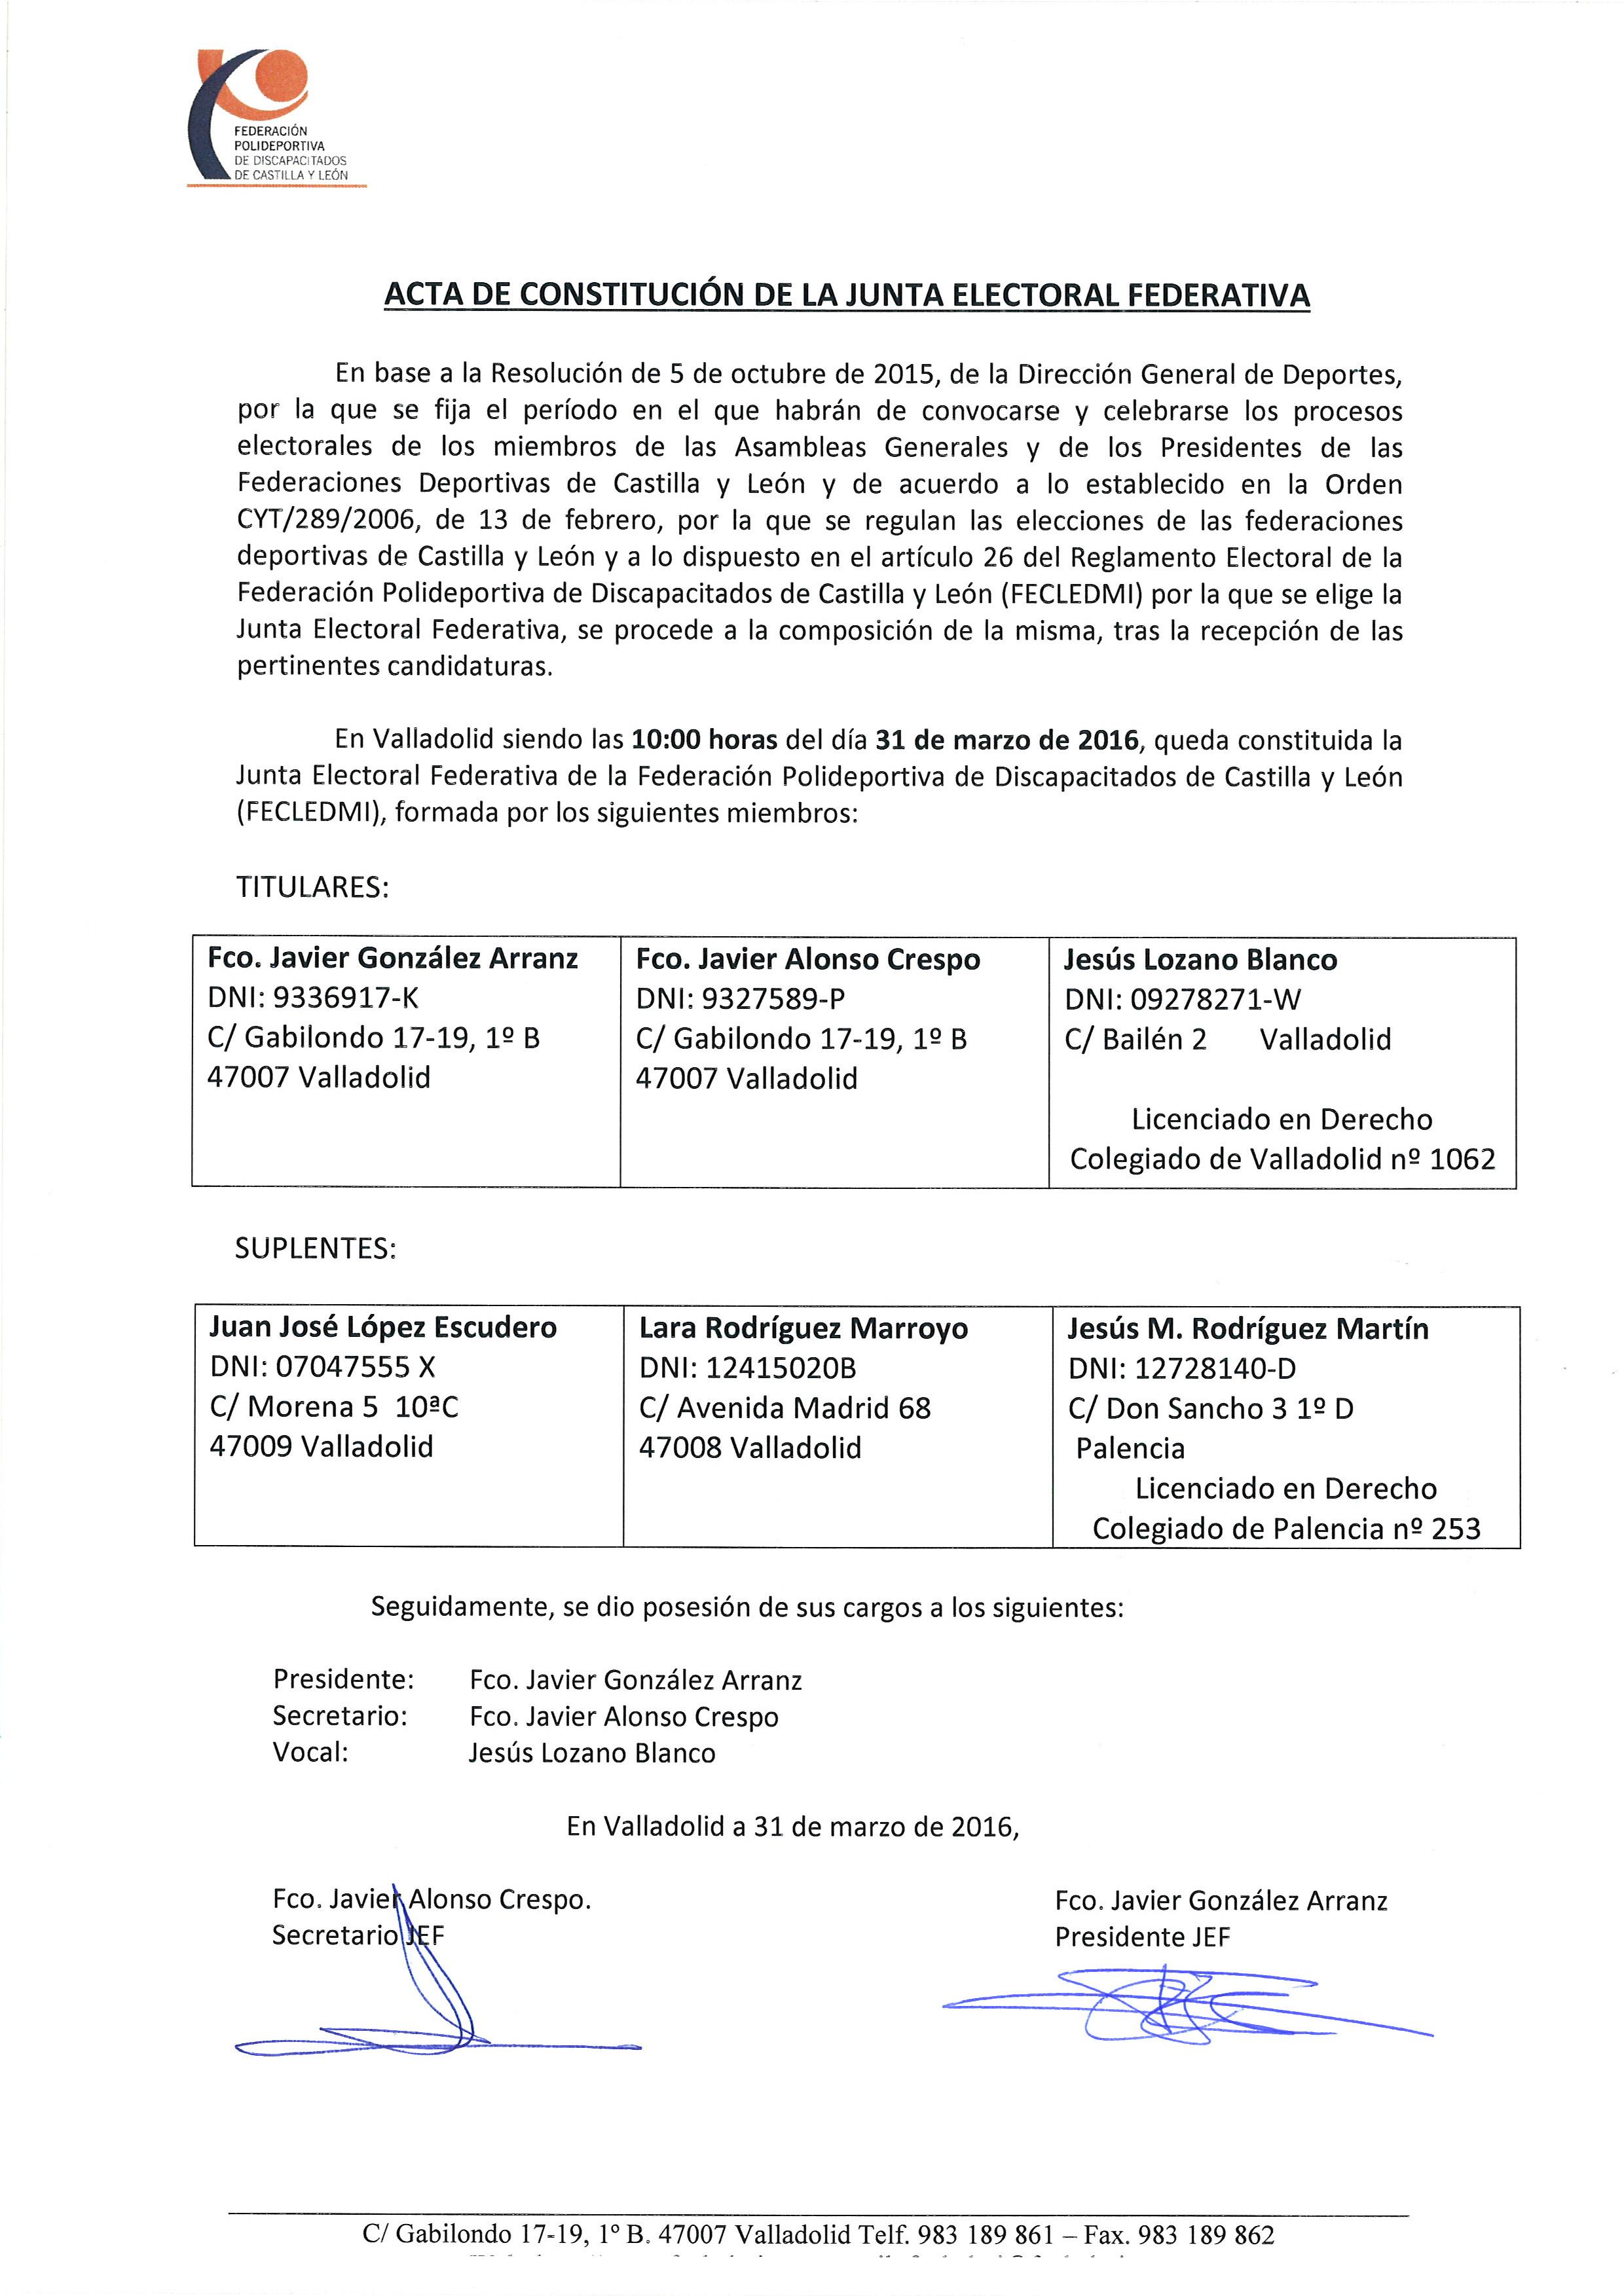 04 Acta Constitucion JEF